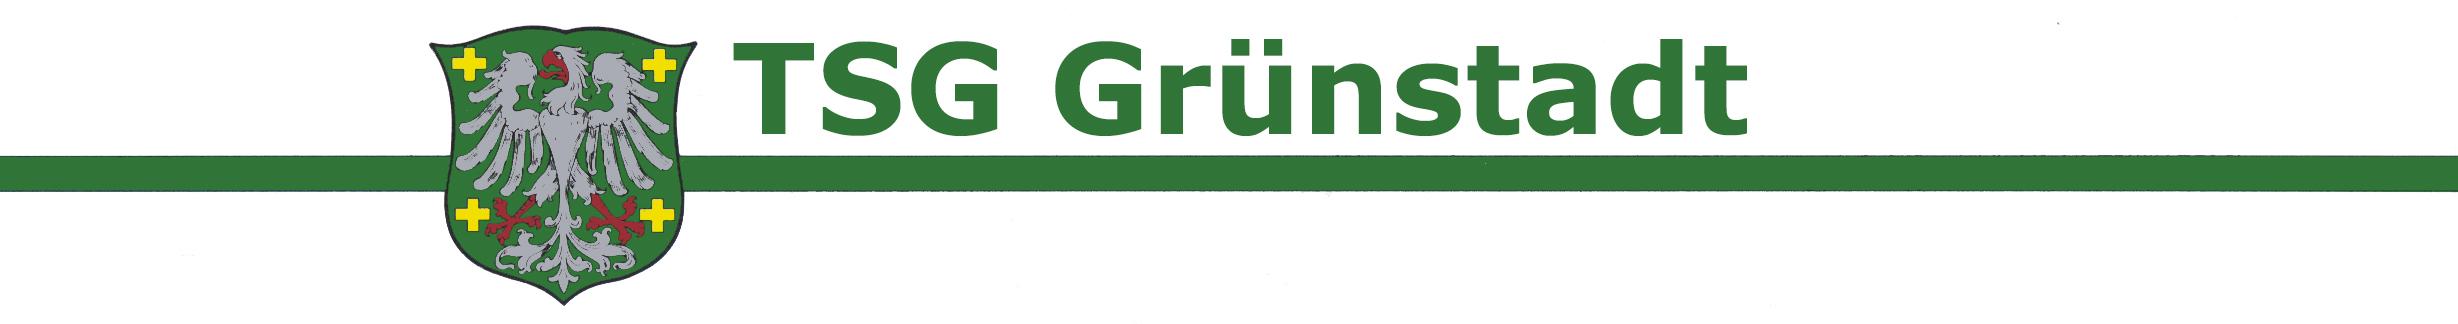 TSG Grünstadt